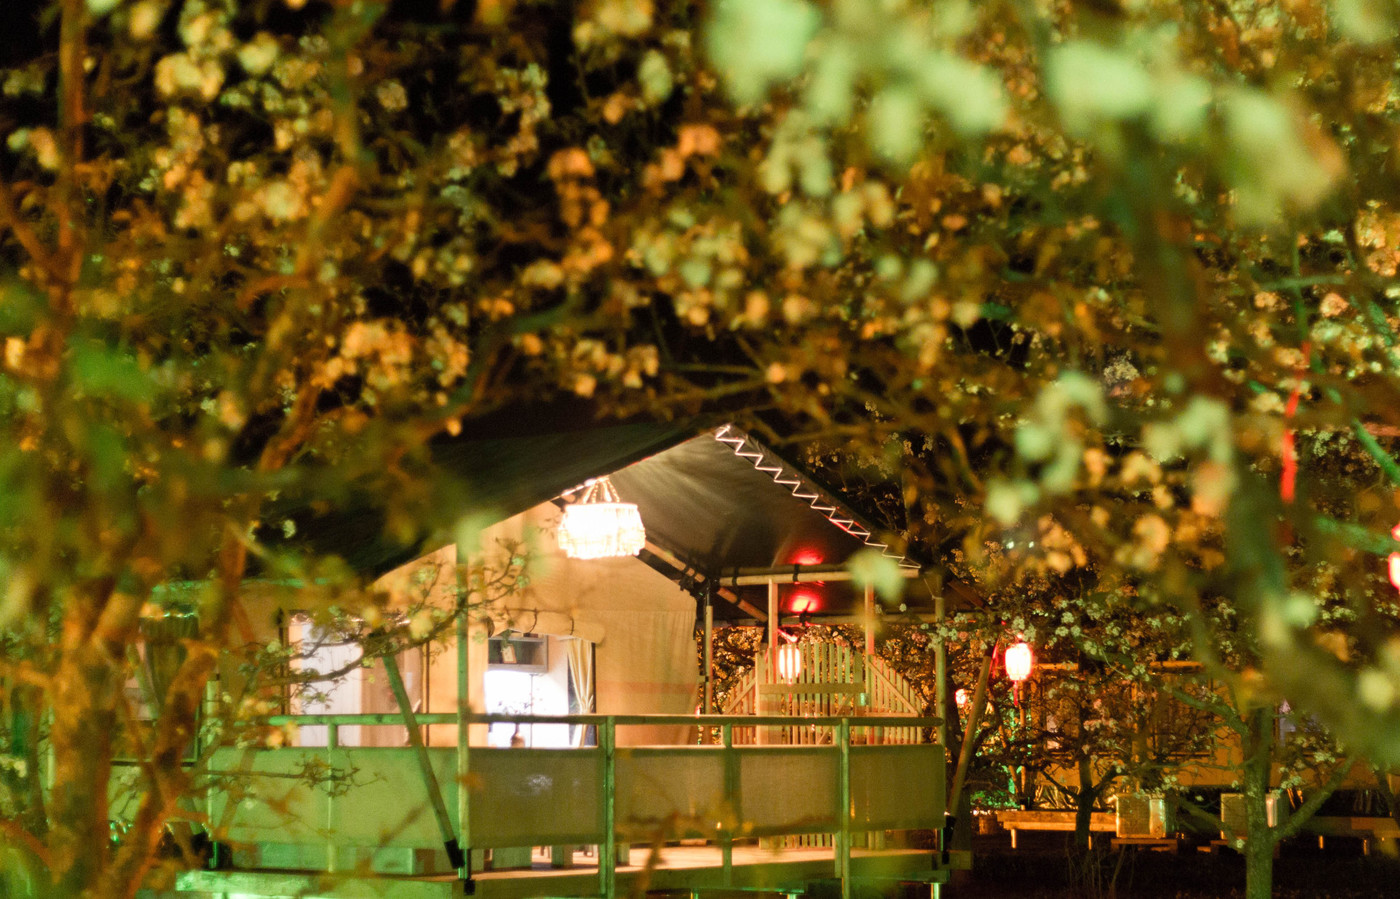 喜马拉雅野奢帐篷酒店—安徽砀山东篱蓬芦(梨园62平)13